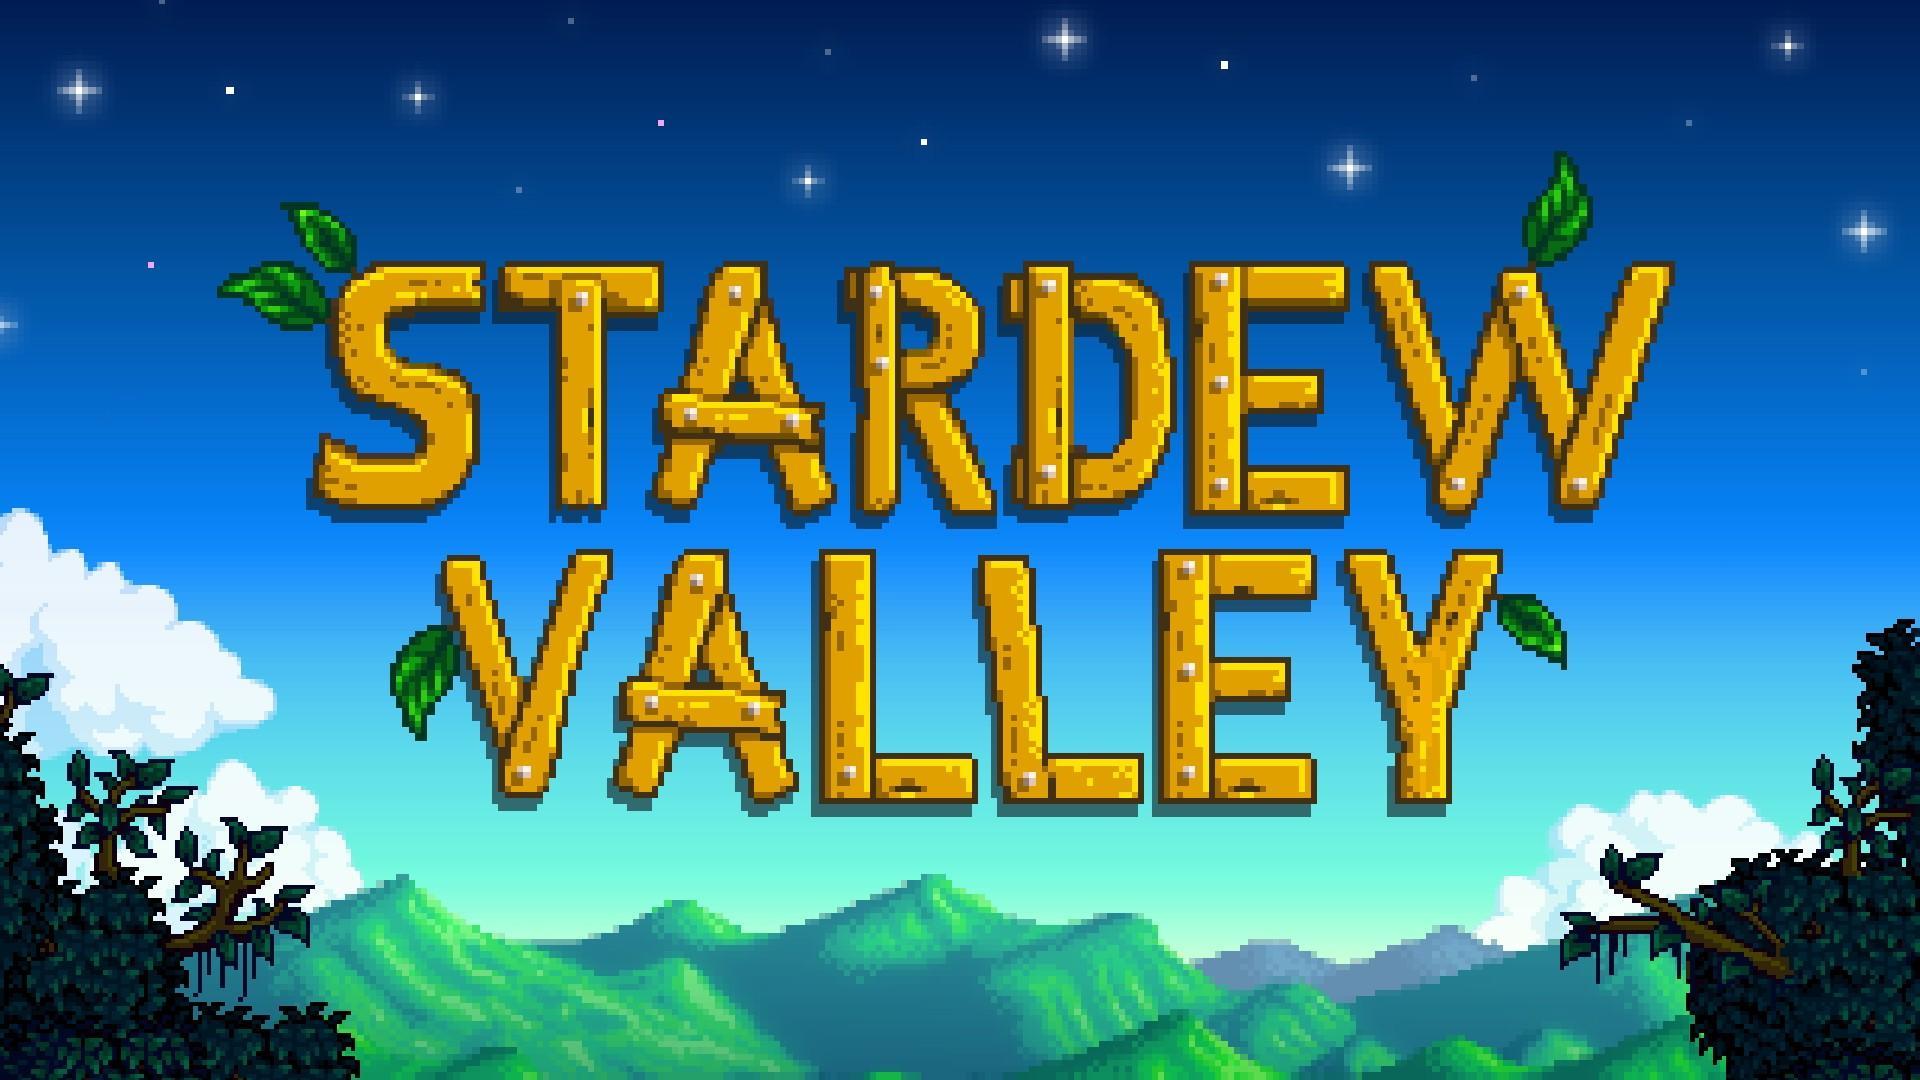 Стали известны подробности крупнейшего обновления Stardew Valley под номером 1.5 2